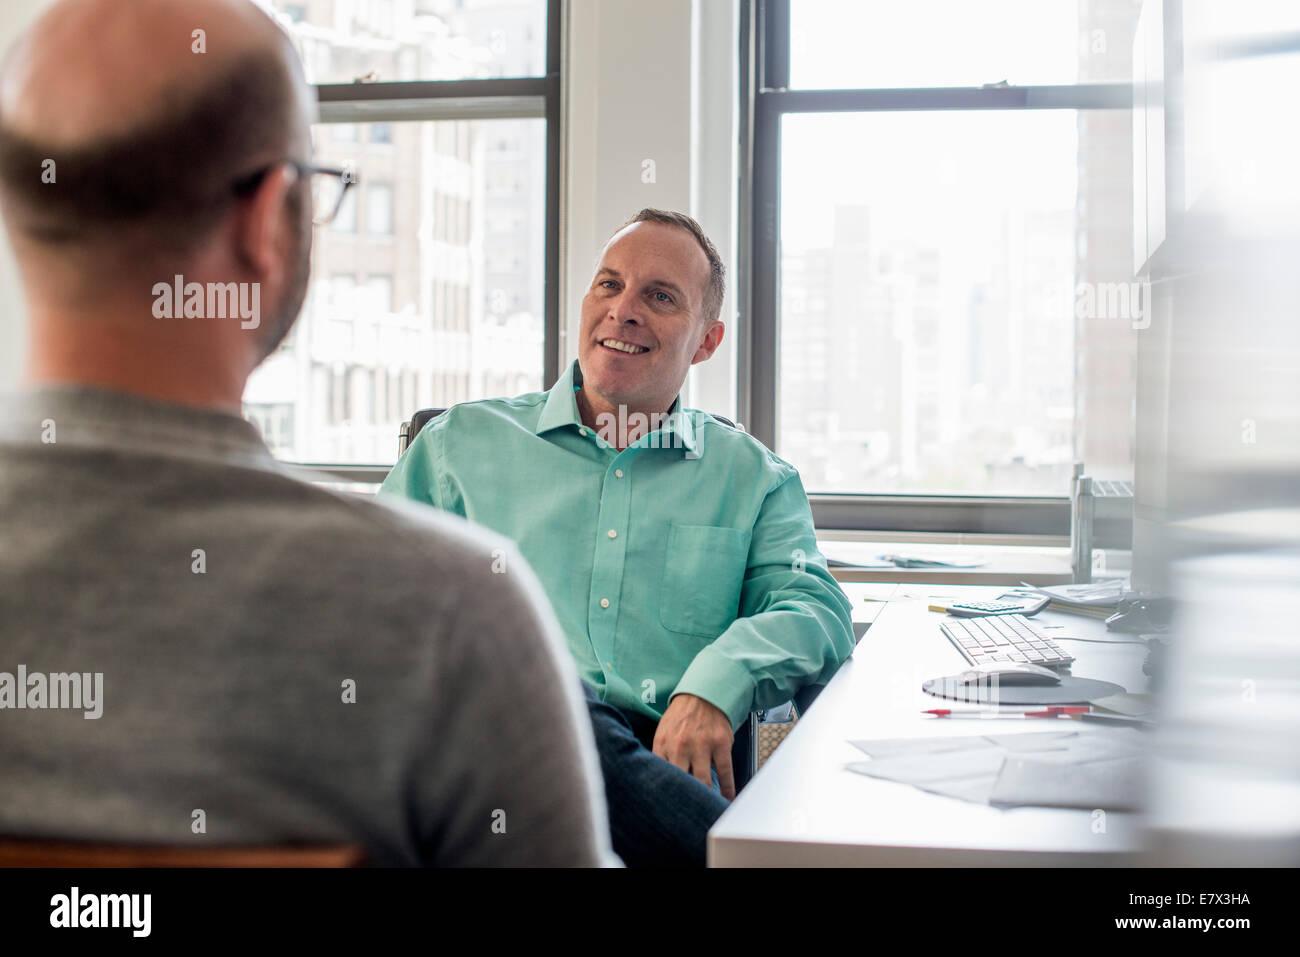 Zwei Männer sitzen in einer hellen luftigen Büroumgebung sprechen. Stockbild